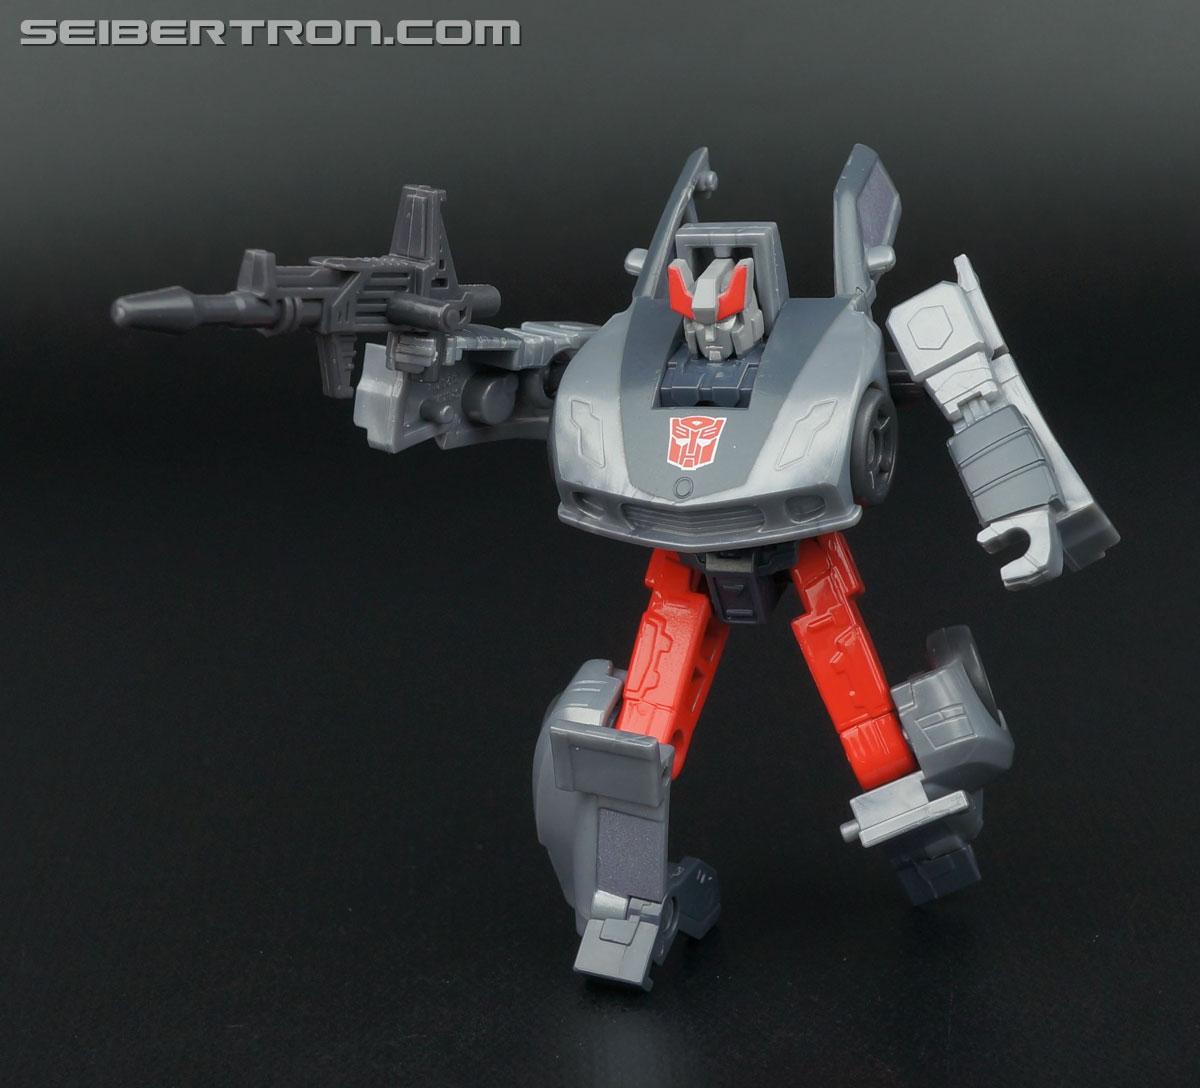 Transformers Generations Bluestreak (Silverstreak) (Image #82 of 101)